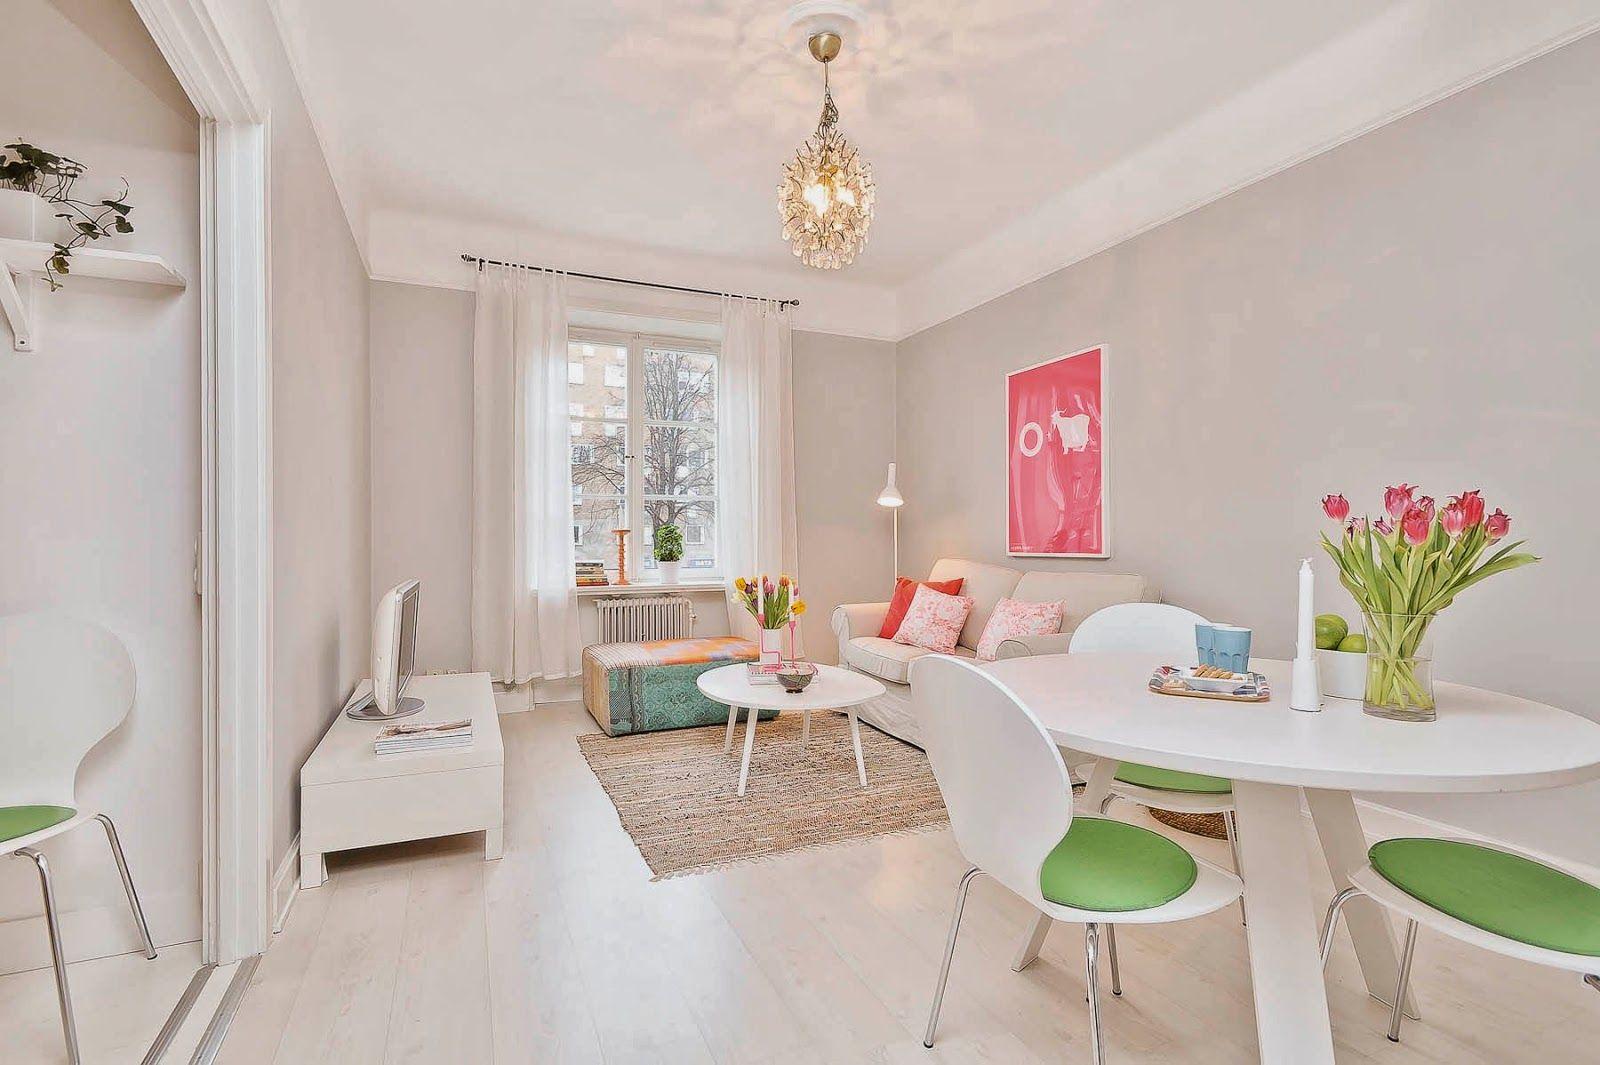 Pequeno Apartamento Mobiliado Para Alugar Que Ver Como é